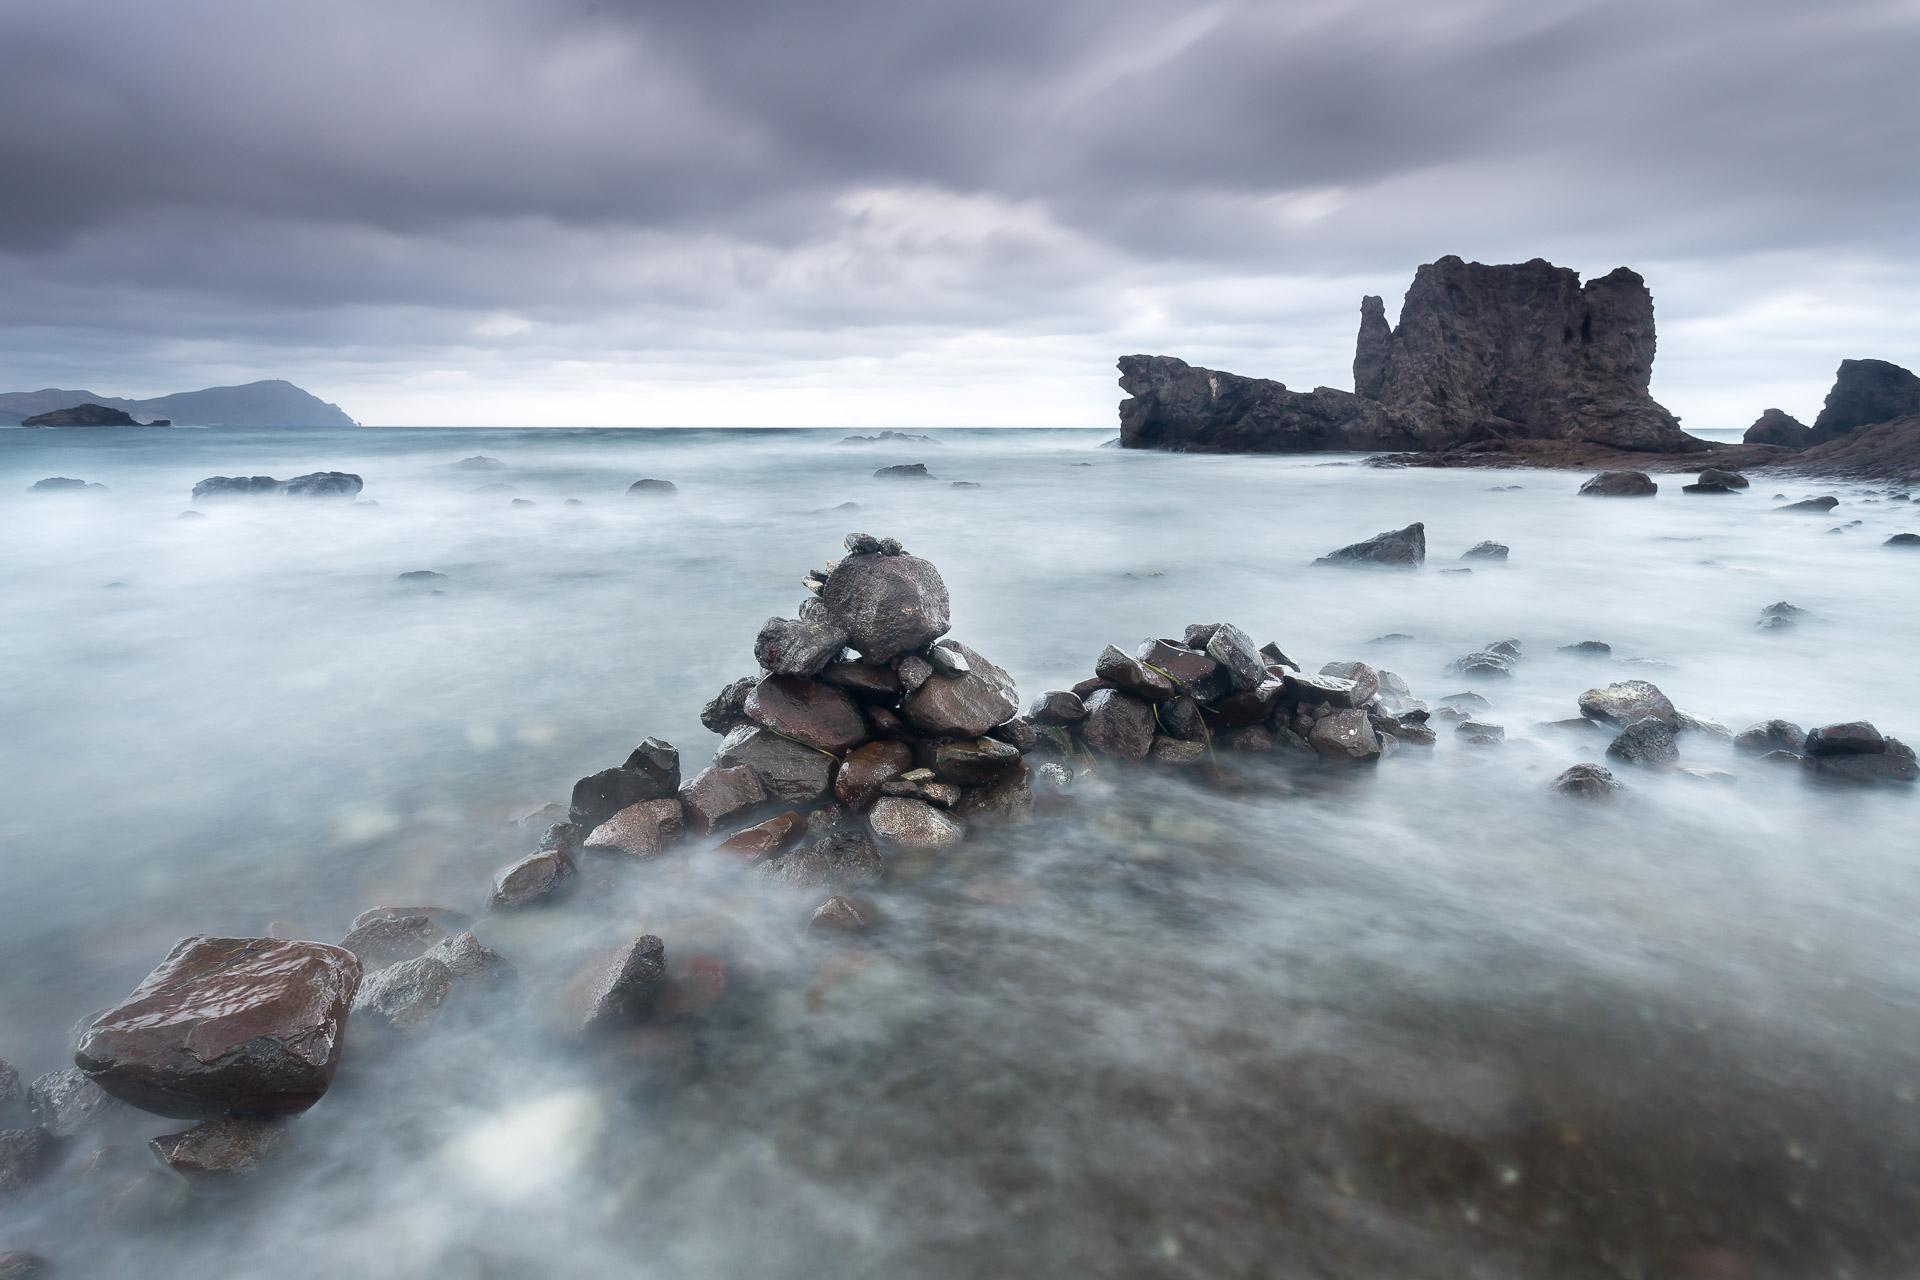 Paisaje Los Escullos, Almeria, roca del Submarino, larga exposición, canon 6D,Danilatorre,danilatorre, Dani Latorre, daniel Latorre